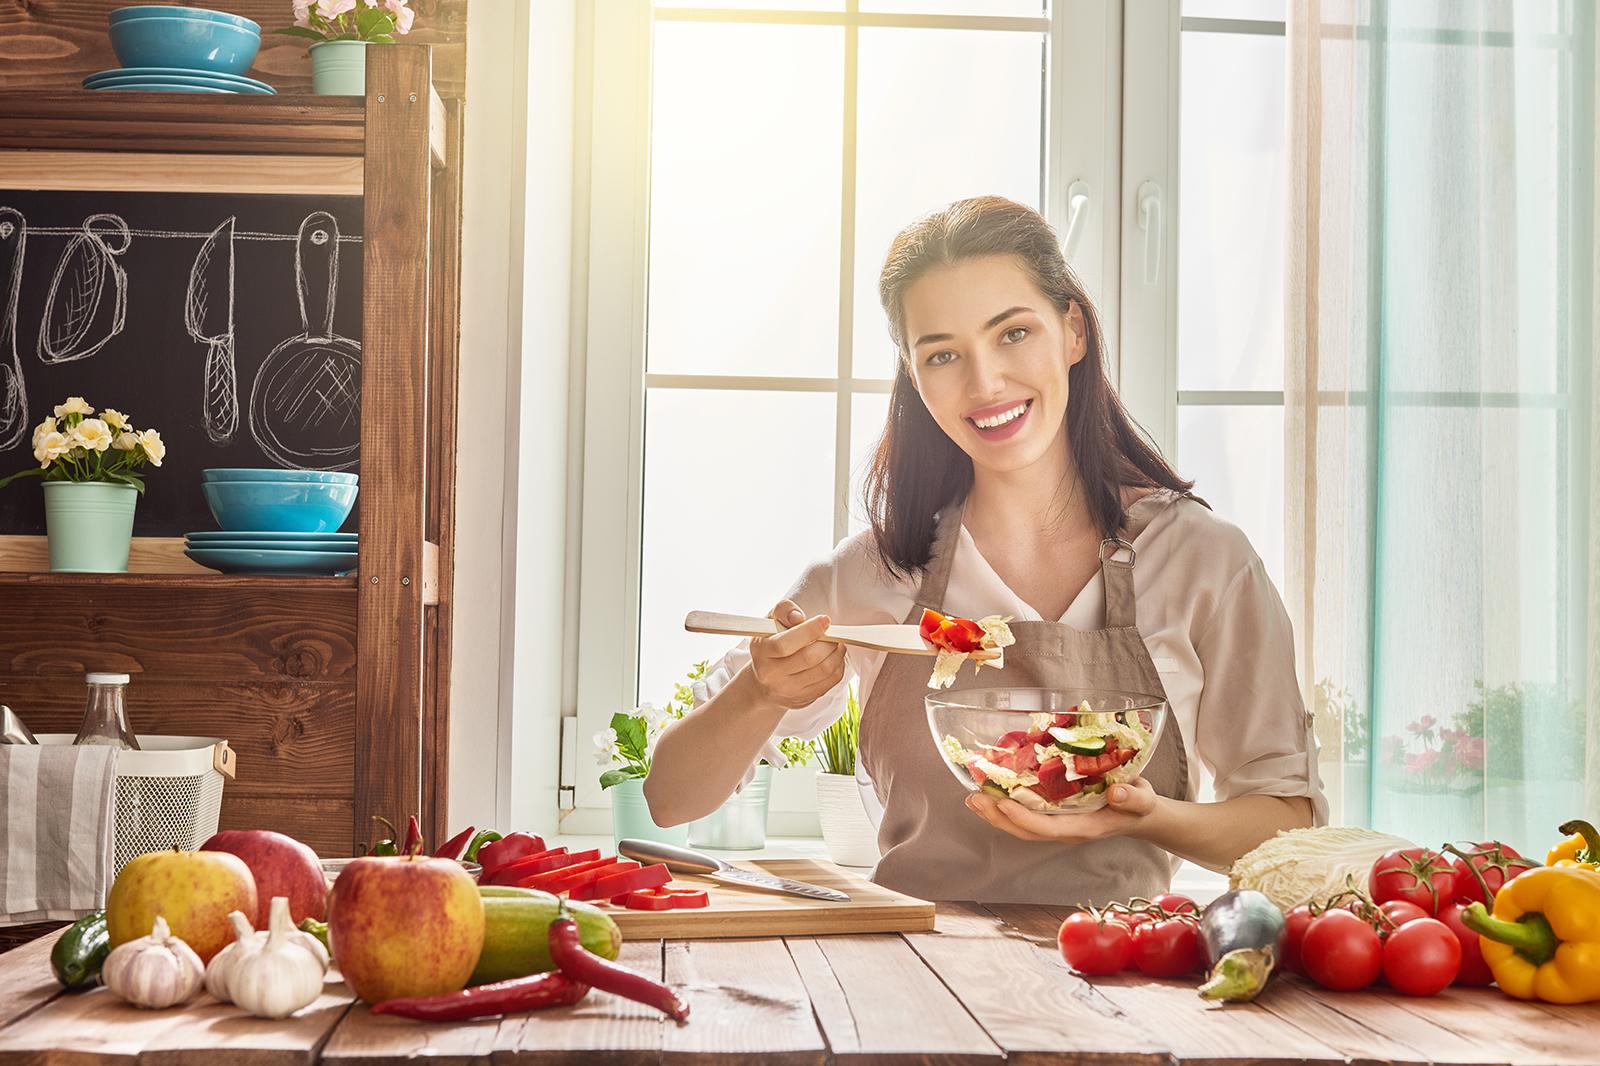 料理上手になるには?アパレル女子の自分磨きに役立つ調理のコツ/photo by Yuganov Konstantin